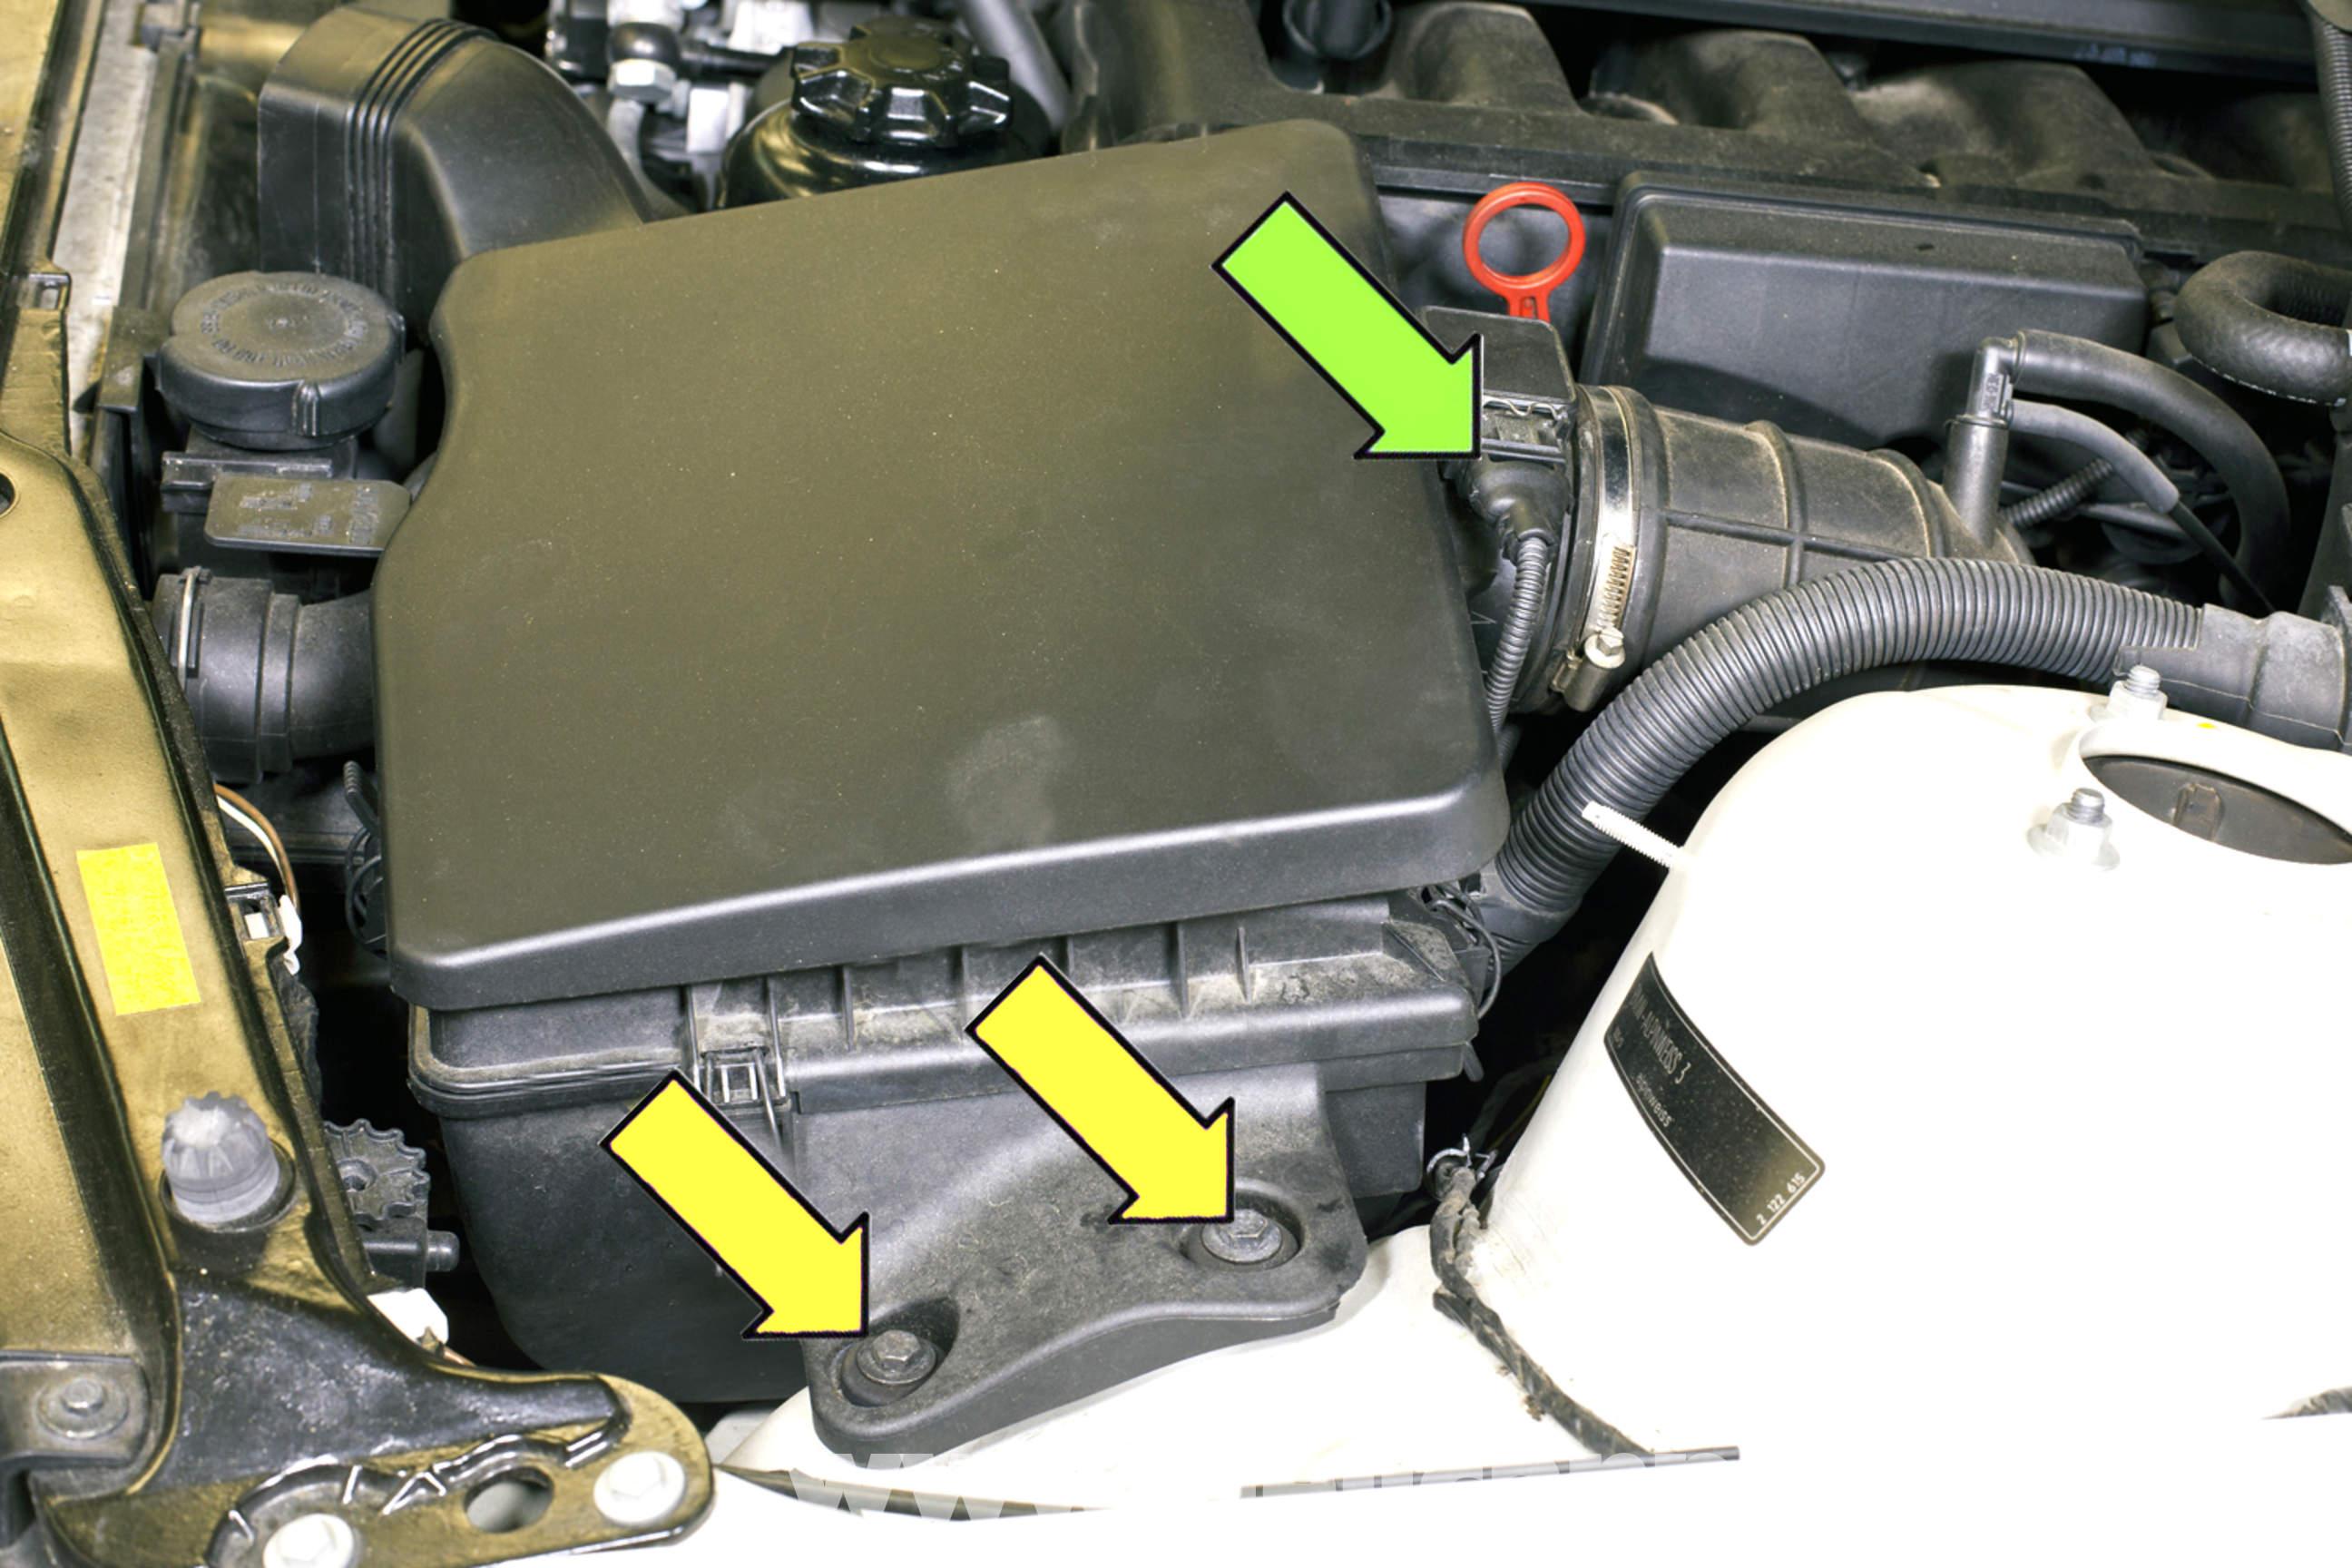 Bmw E46 Vanos Actuator Replacement 325i 2001 2005 325xi 17 Pin Plug Wiring Large Image Extra